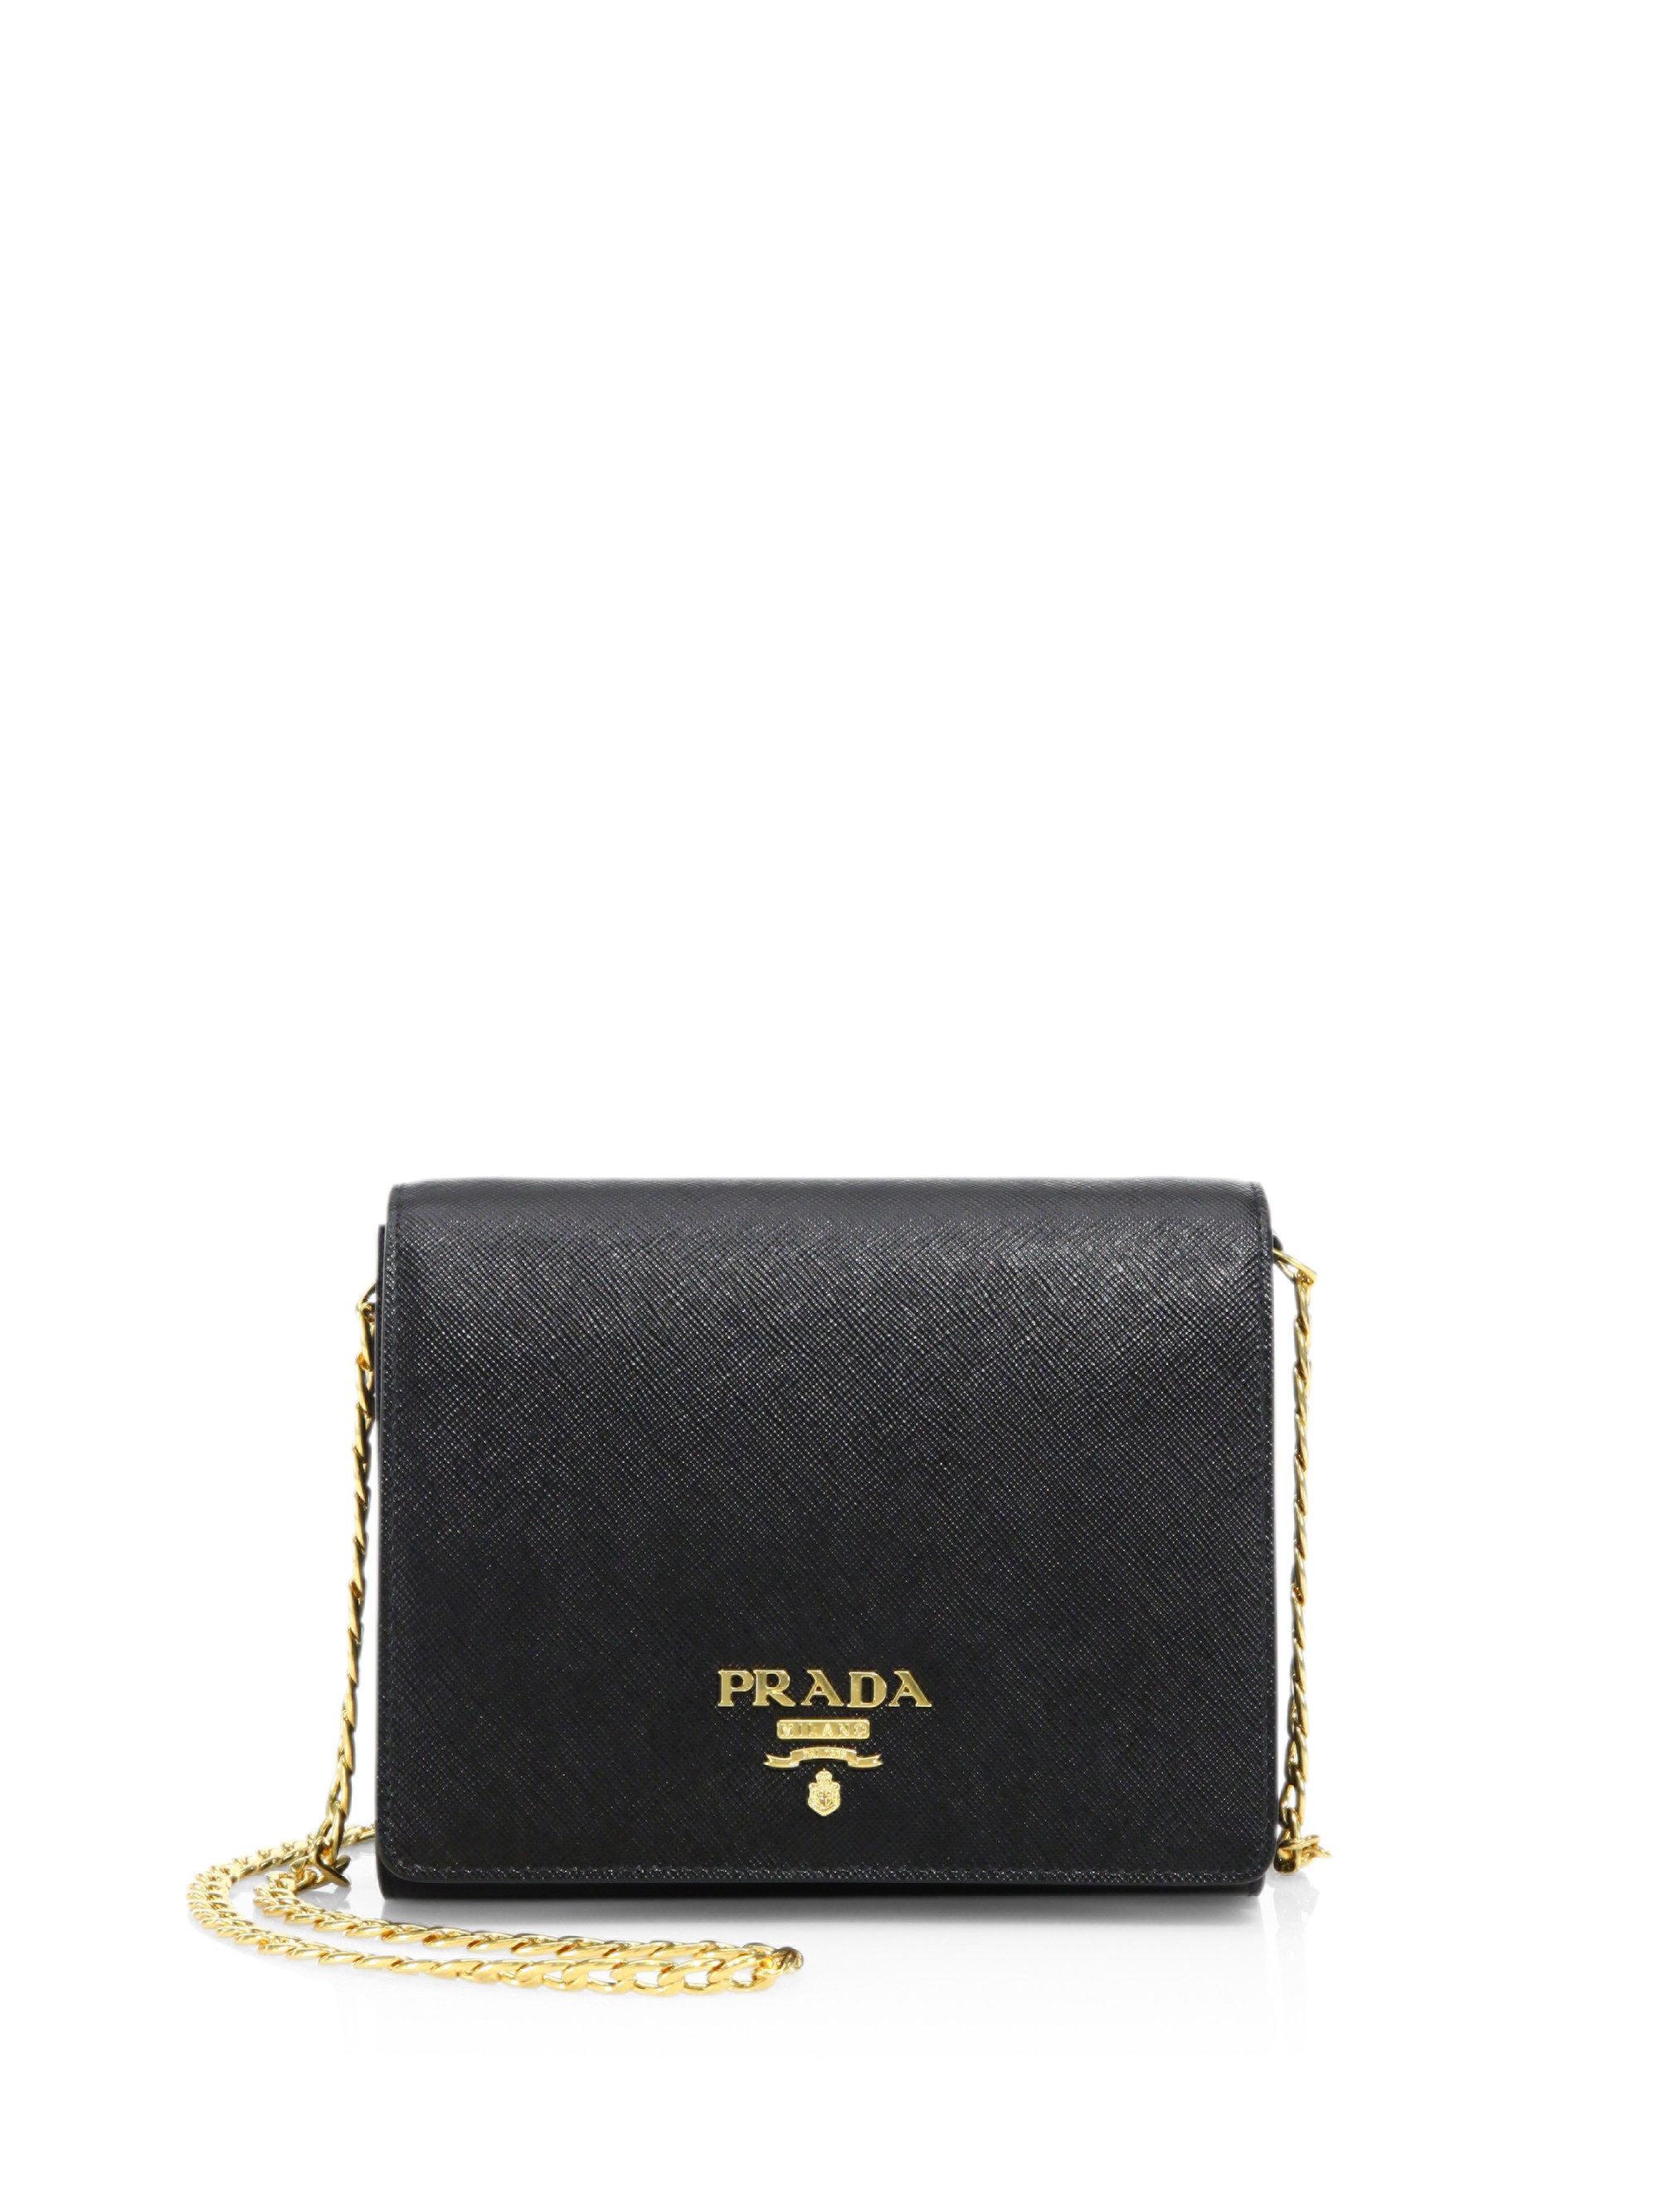 6bd3526fd0b7 Lyst - Prada Saffiano Lux Chain Wallet in Black